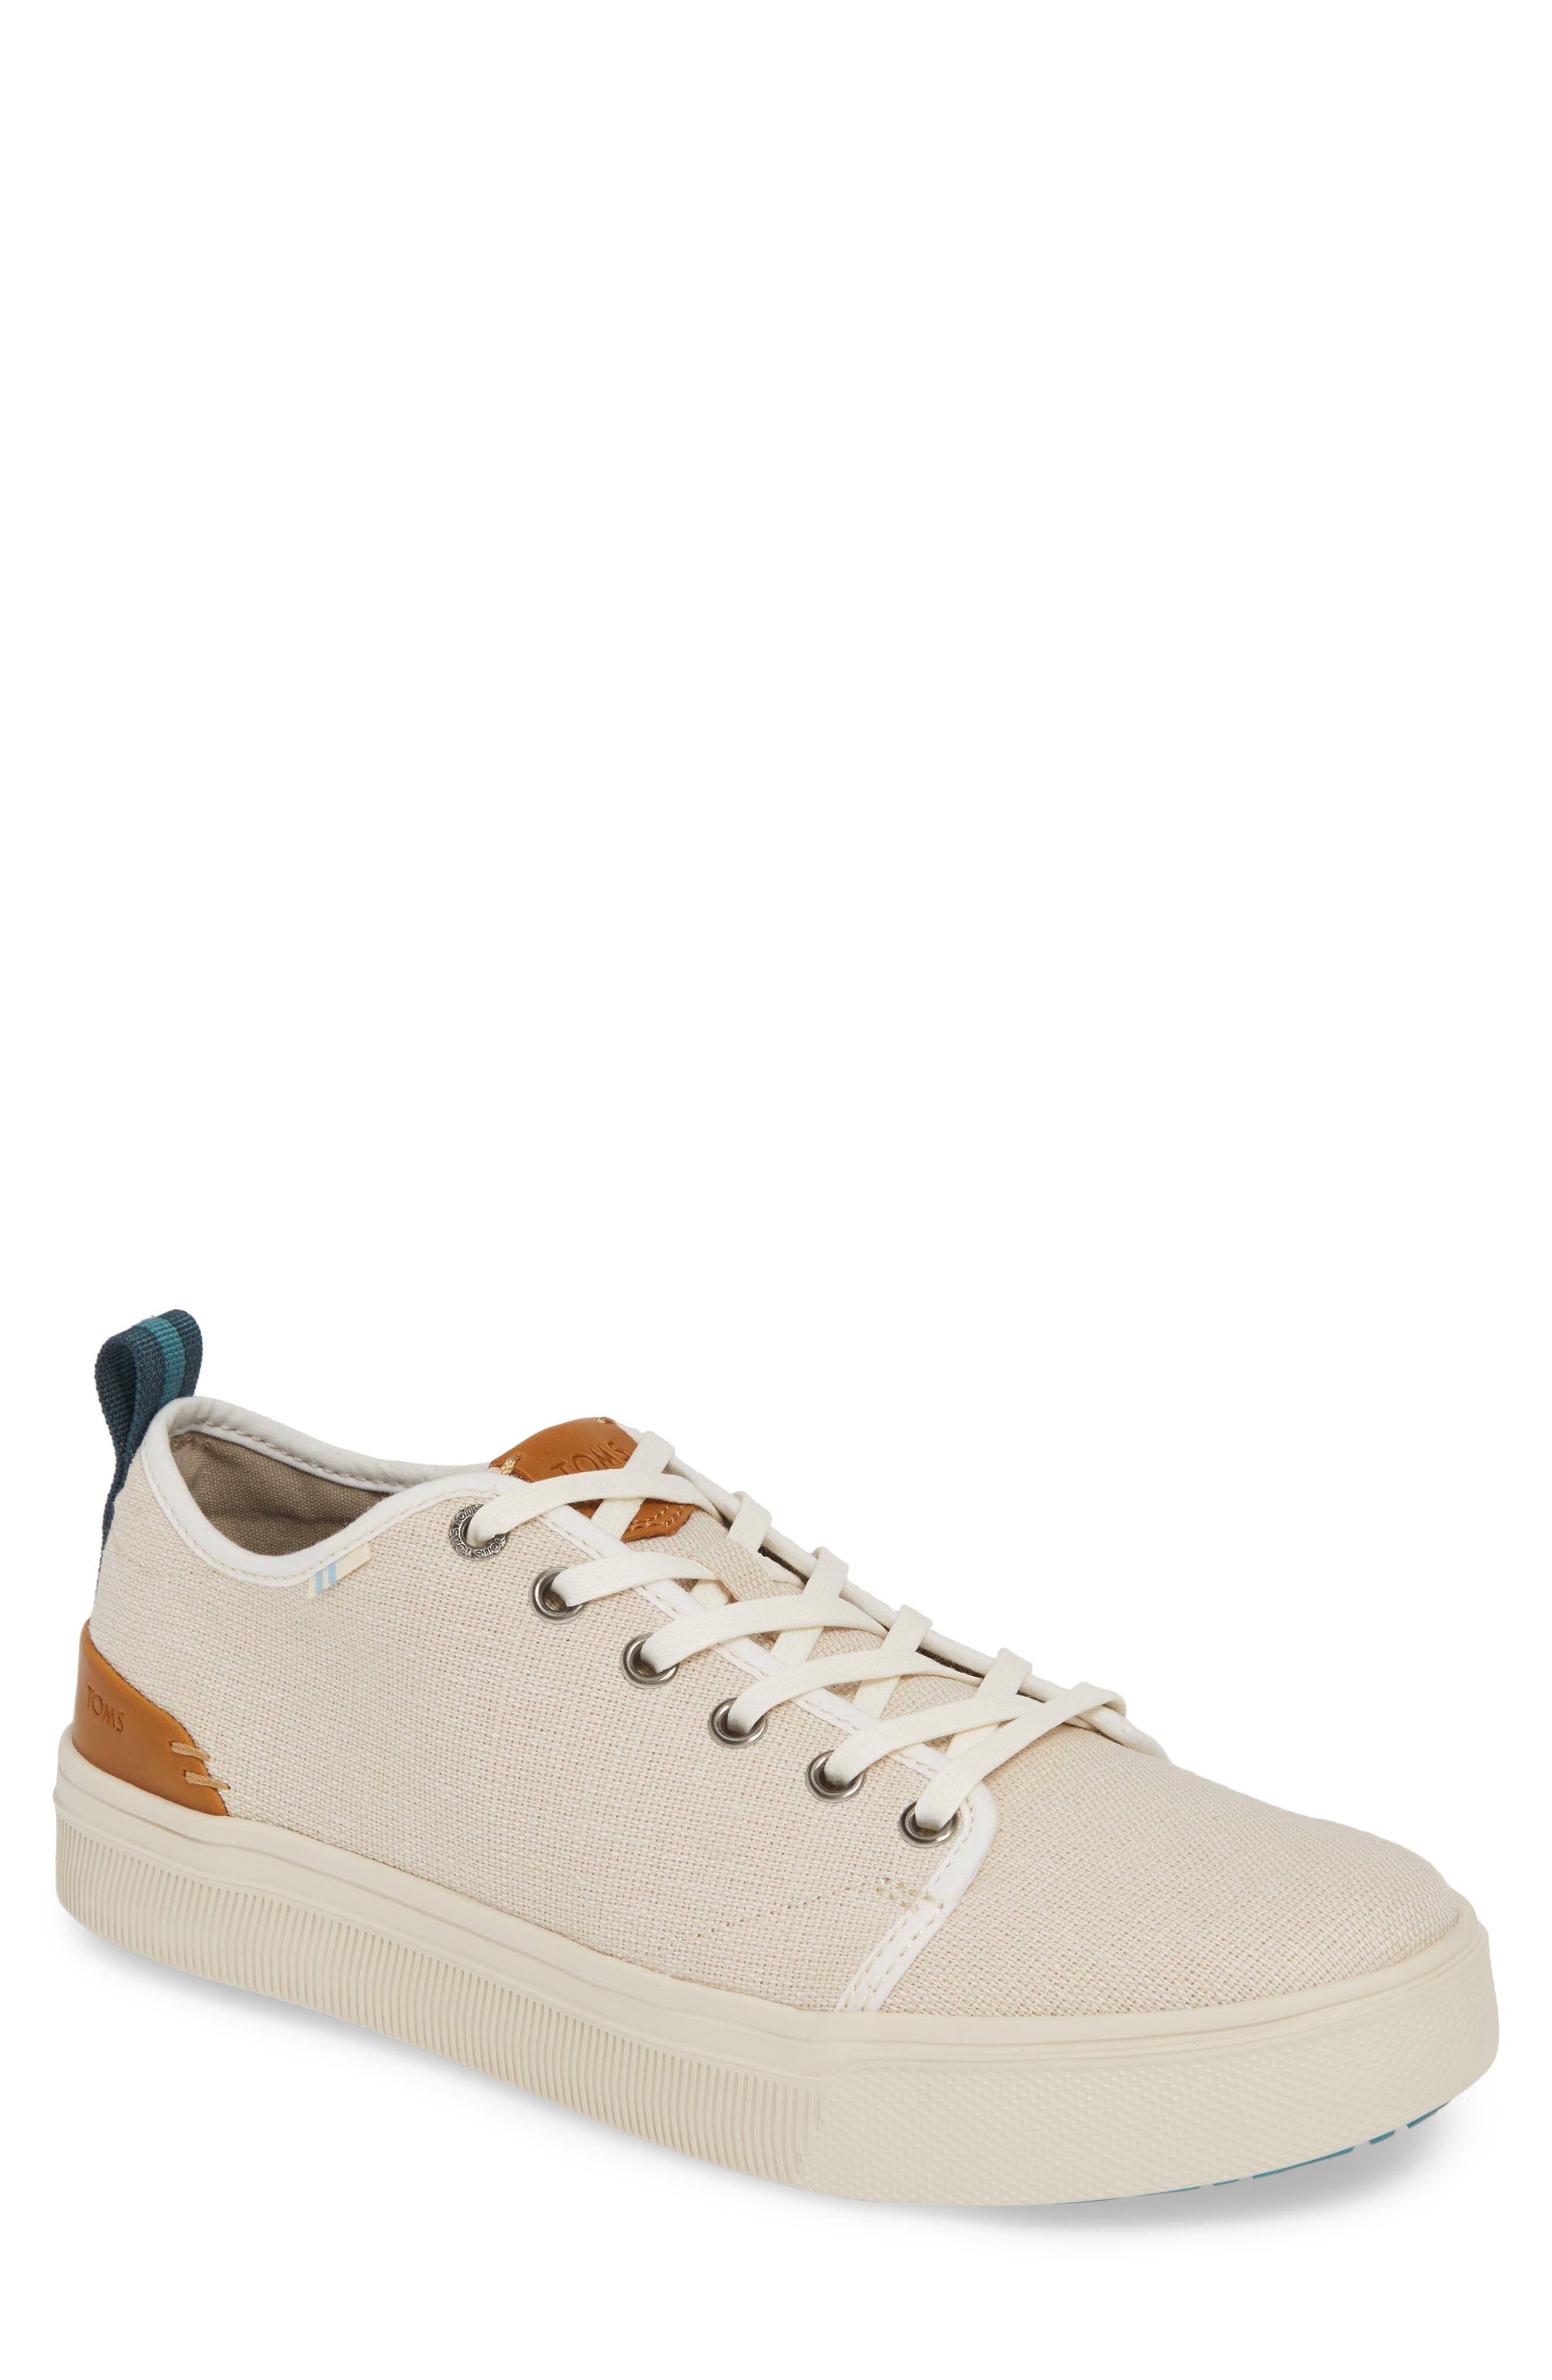 Toms Trvl Lite Low Top Sneaker- White